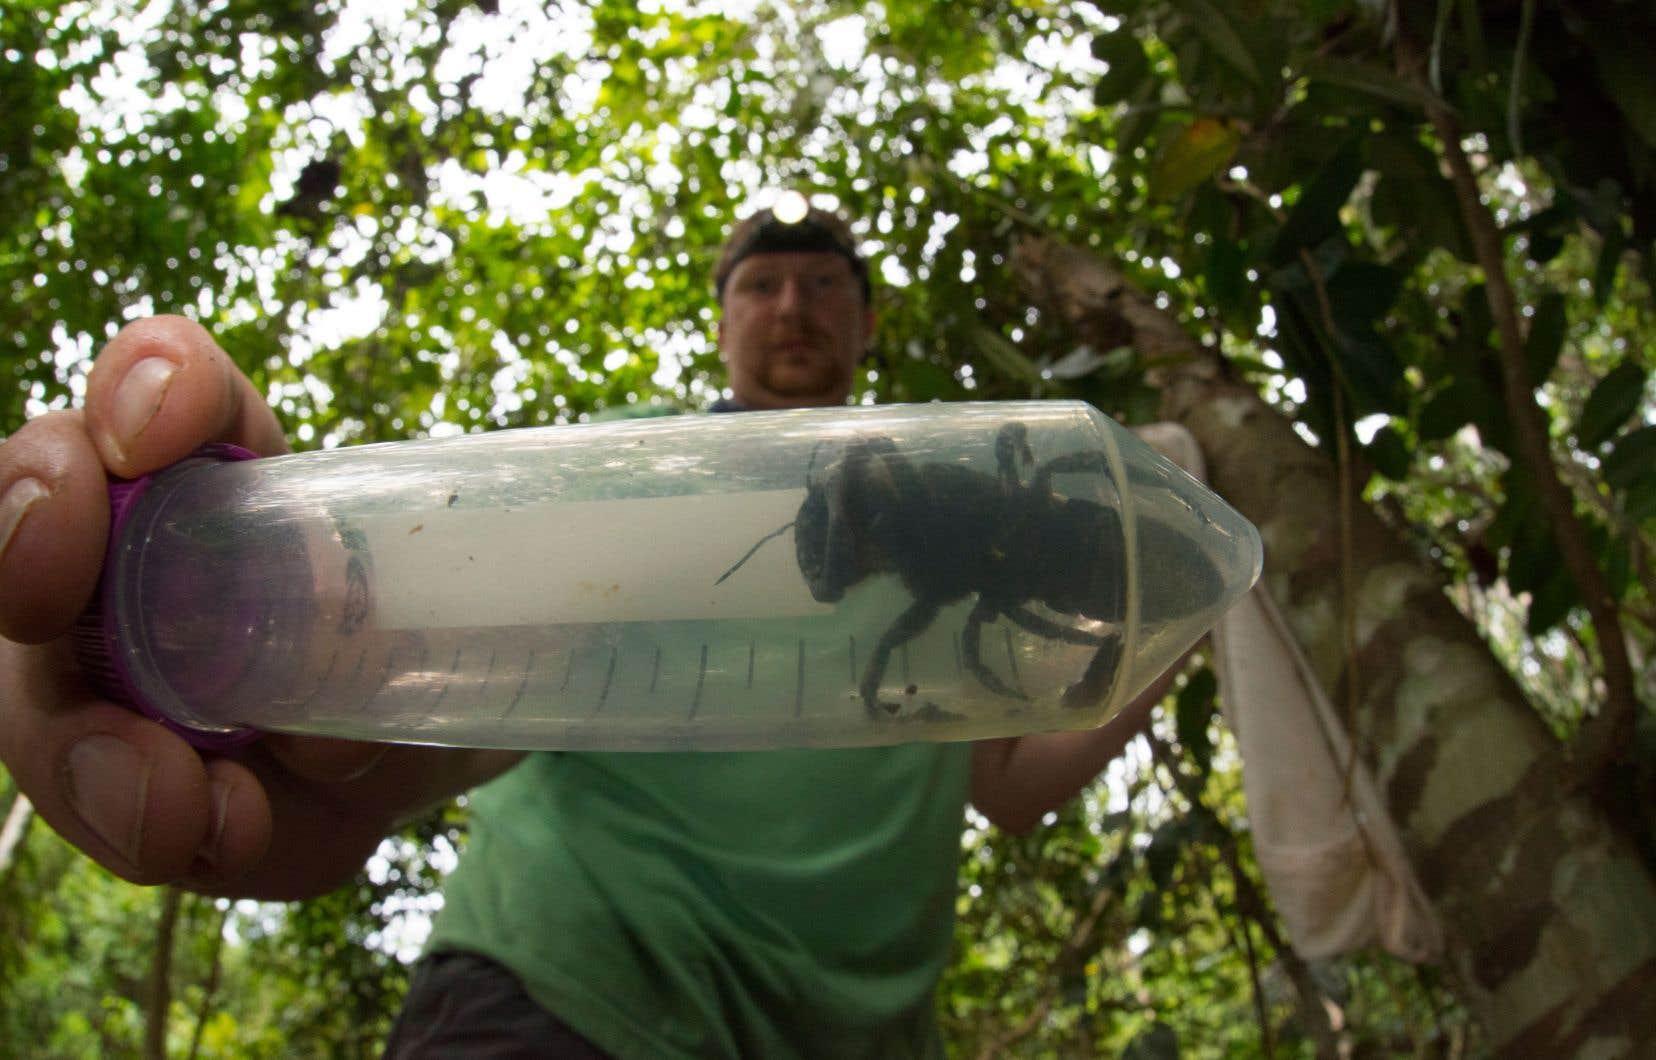 De précédentes expéditions dans la région n'avaient pas permis de repérer cette abeille, ici entre les mains de l'entomologiste Eli Wyman.